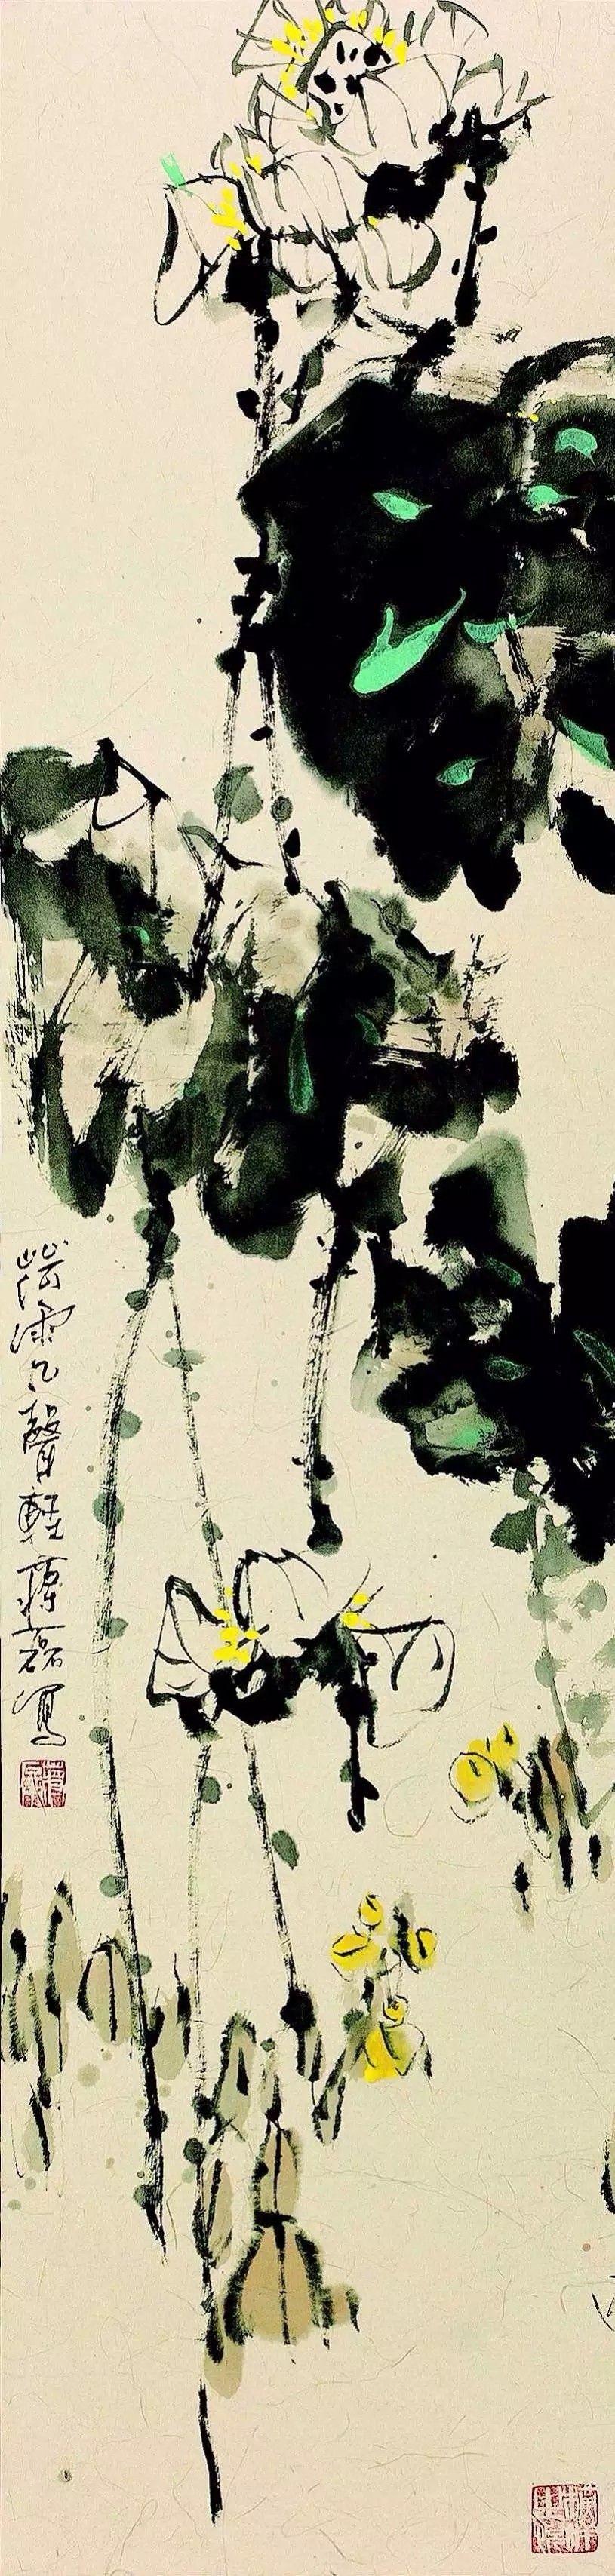 Chinese Painting Chinesische Malerei Plum Pflaumenblute Bamboo